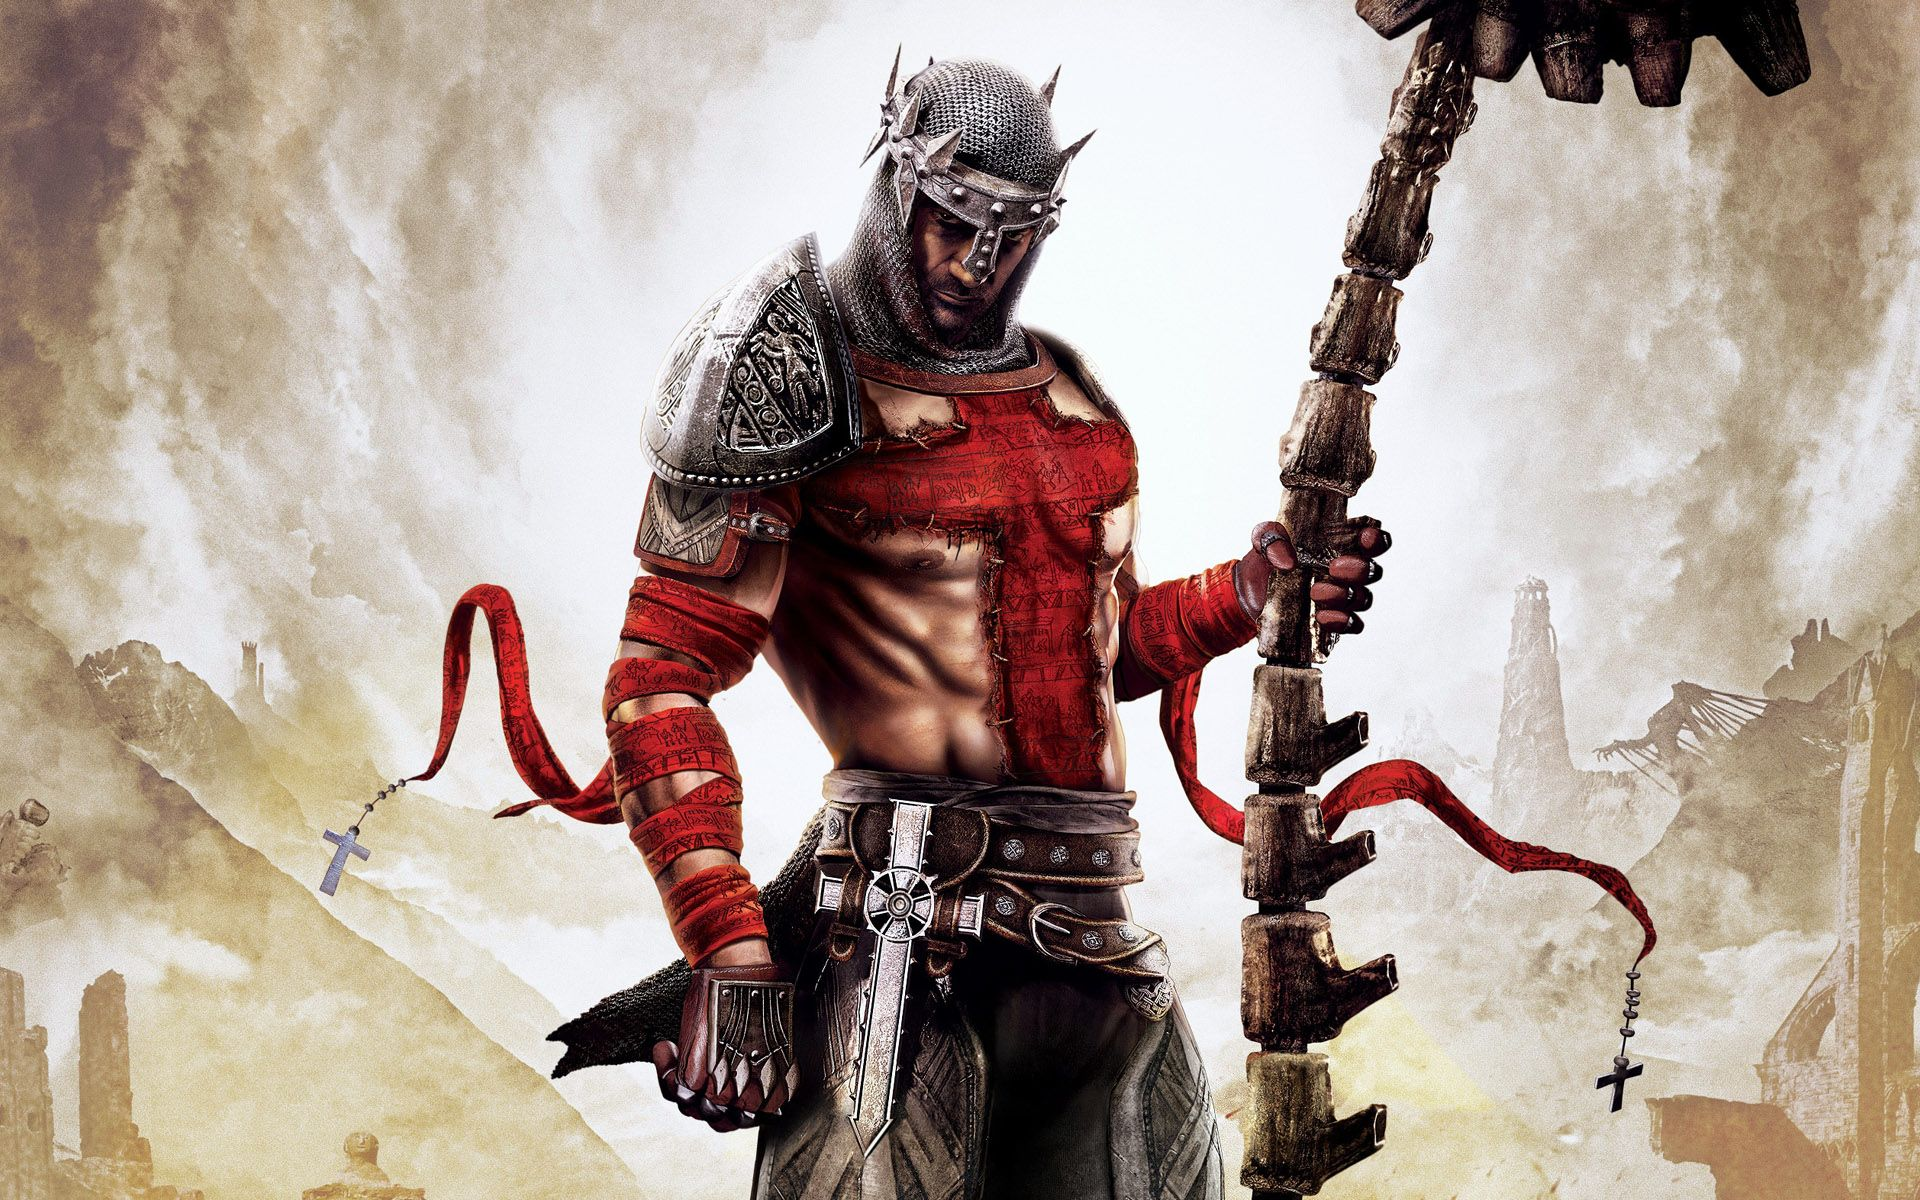 Наэмуляторе PS3 смогли запустить наPCполностью играбельную игру Dante's Inferno